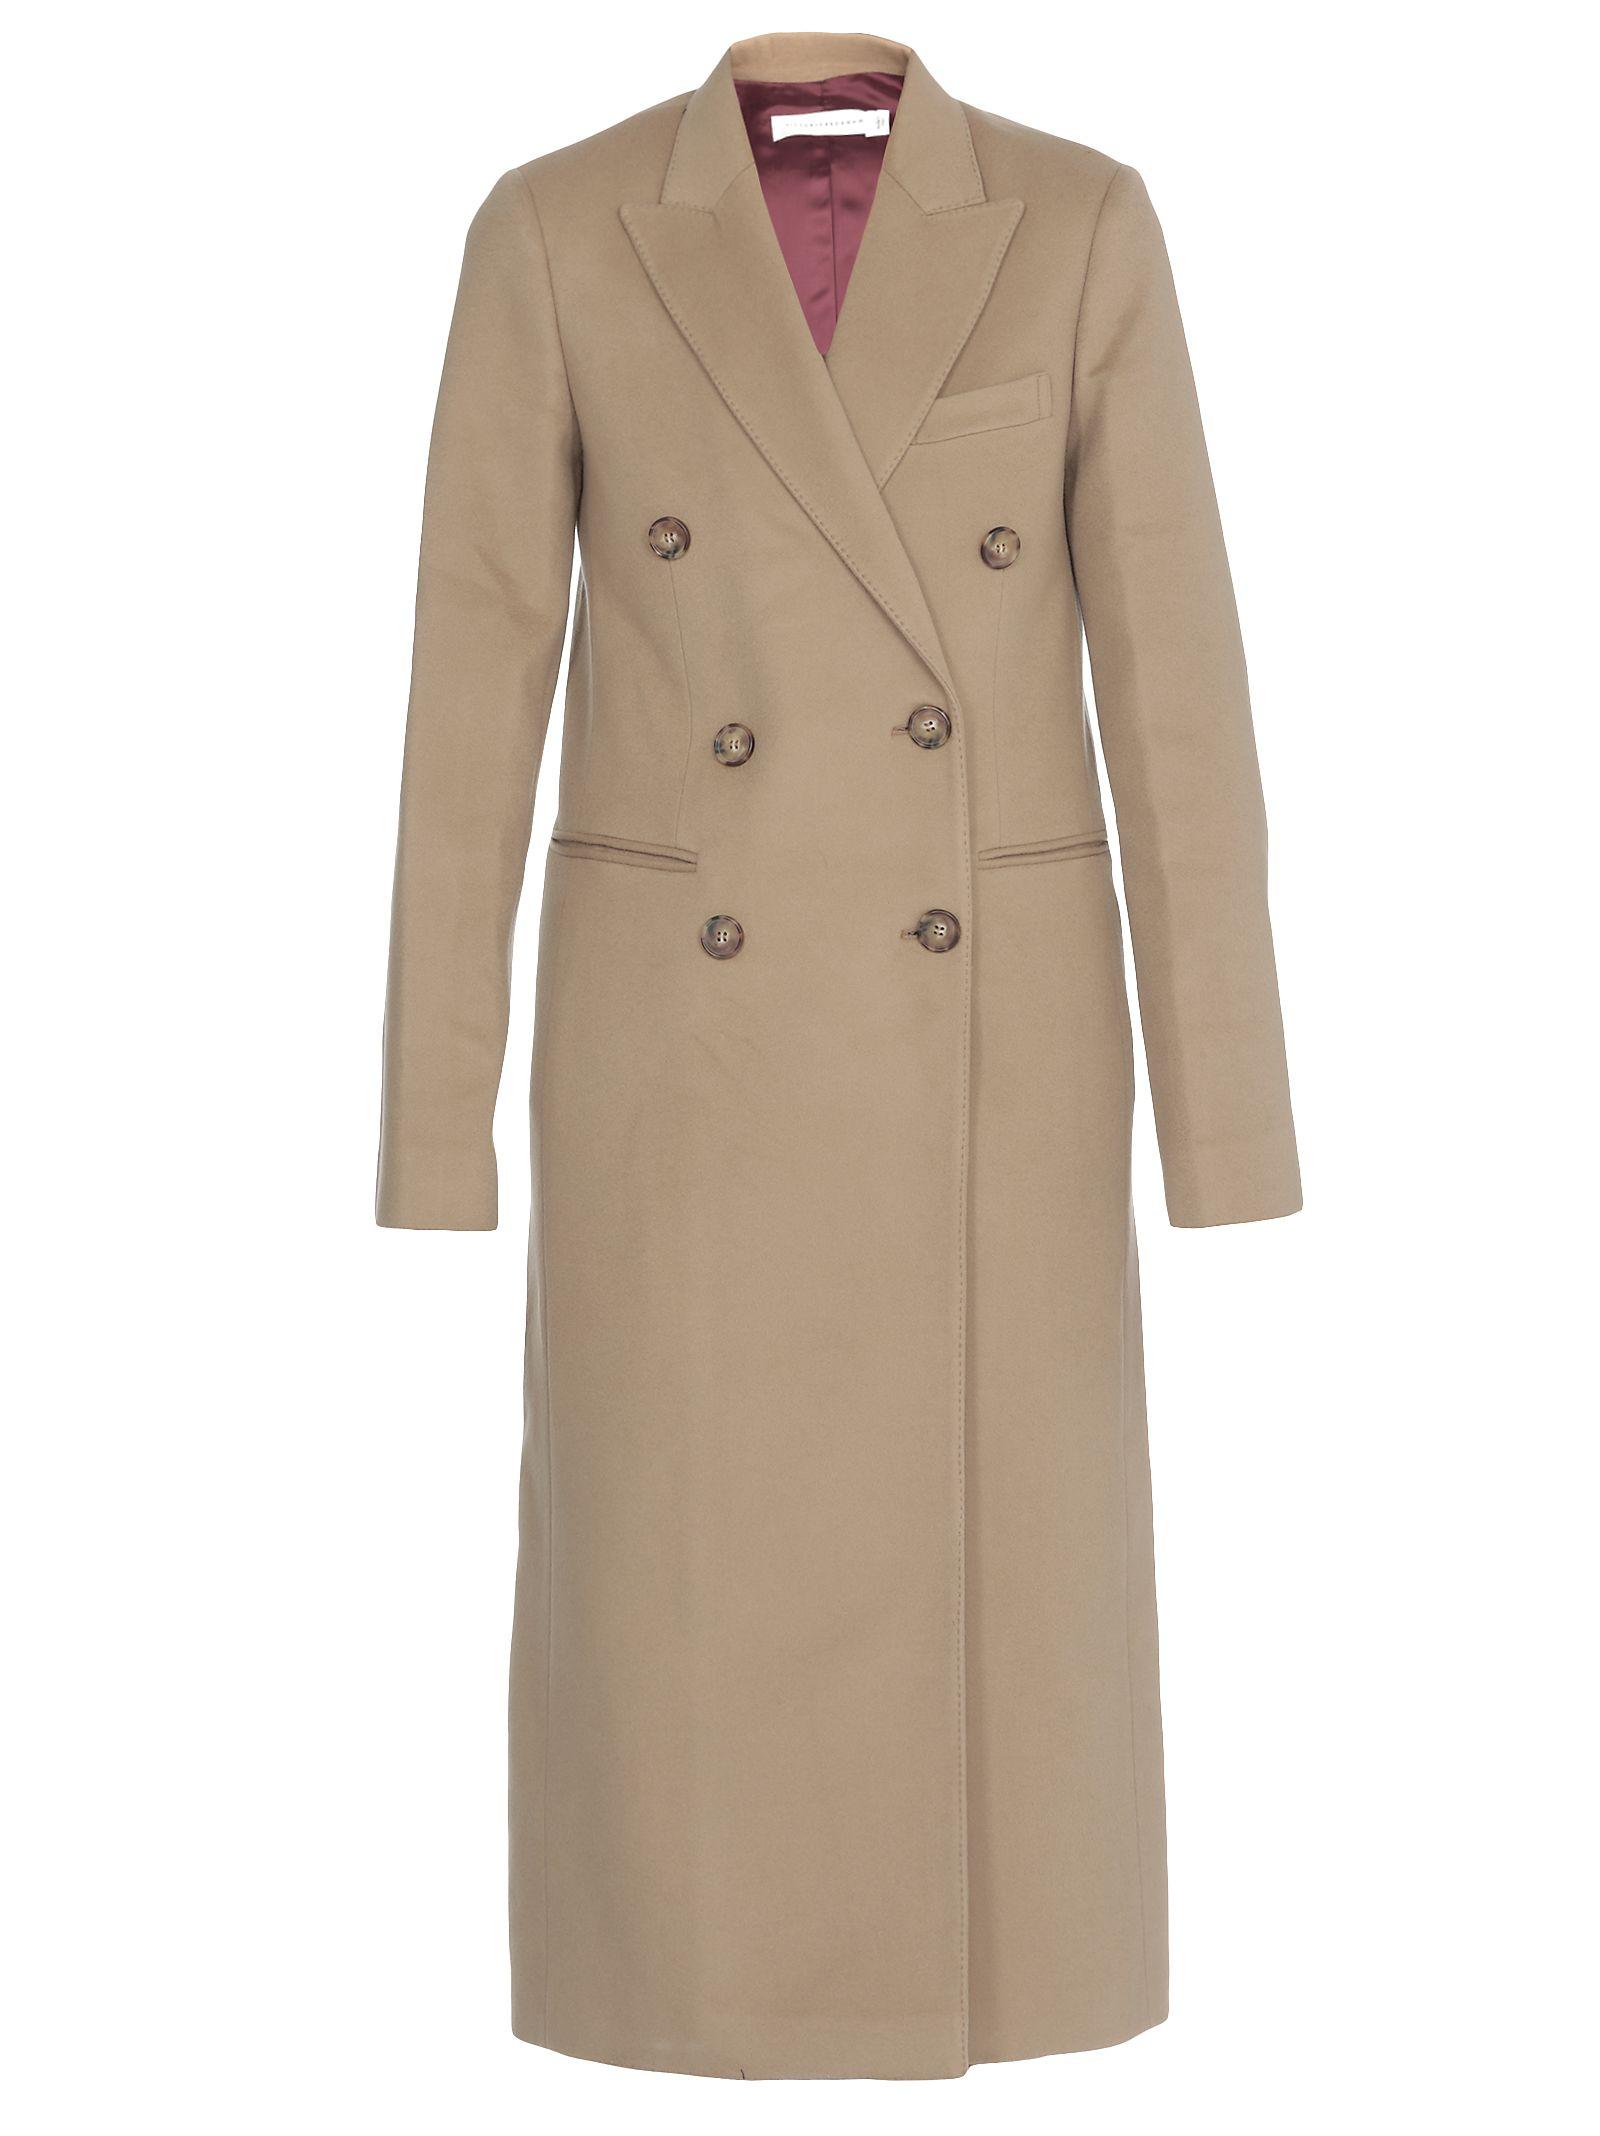 Victoria Beckham Coats TAILORED SLIM COAT